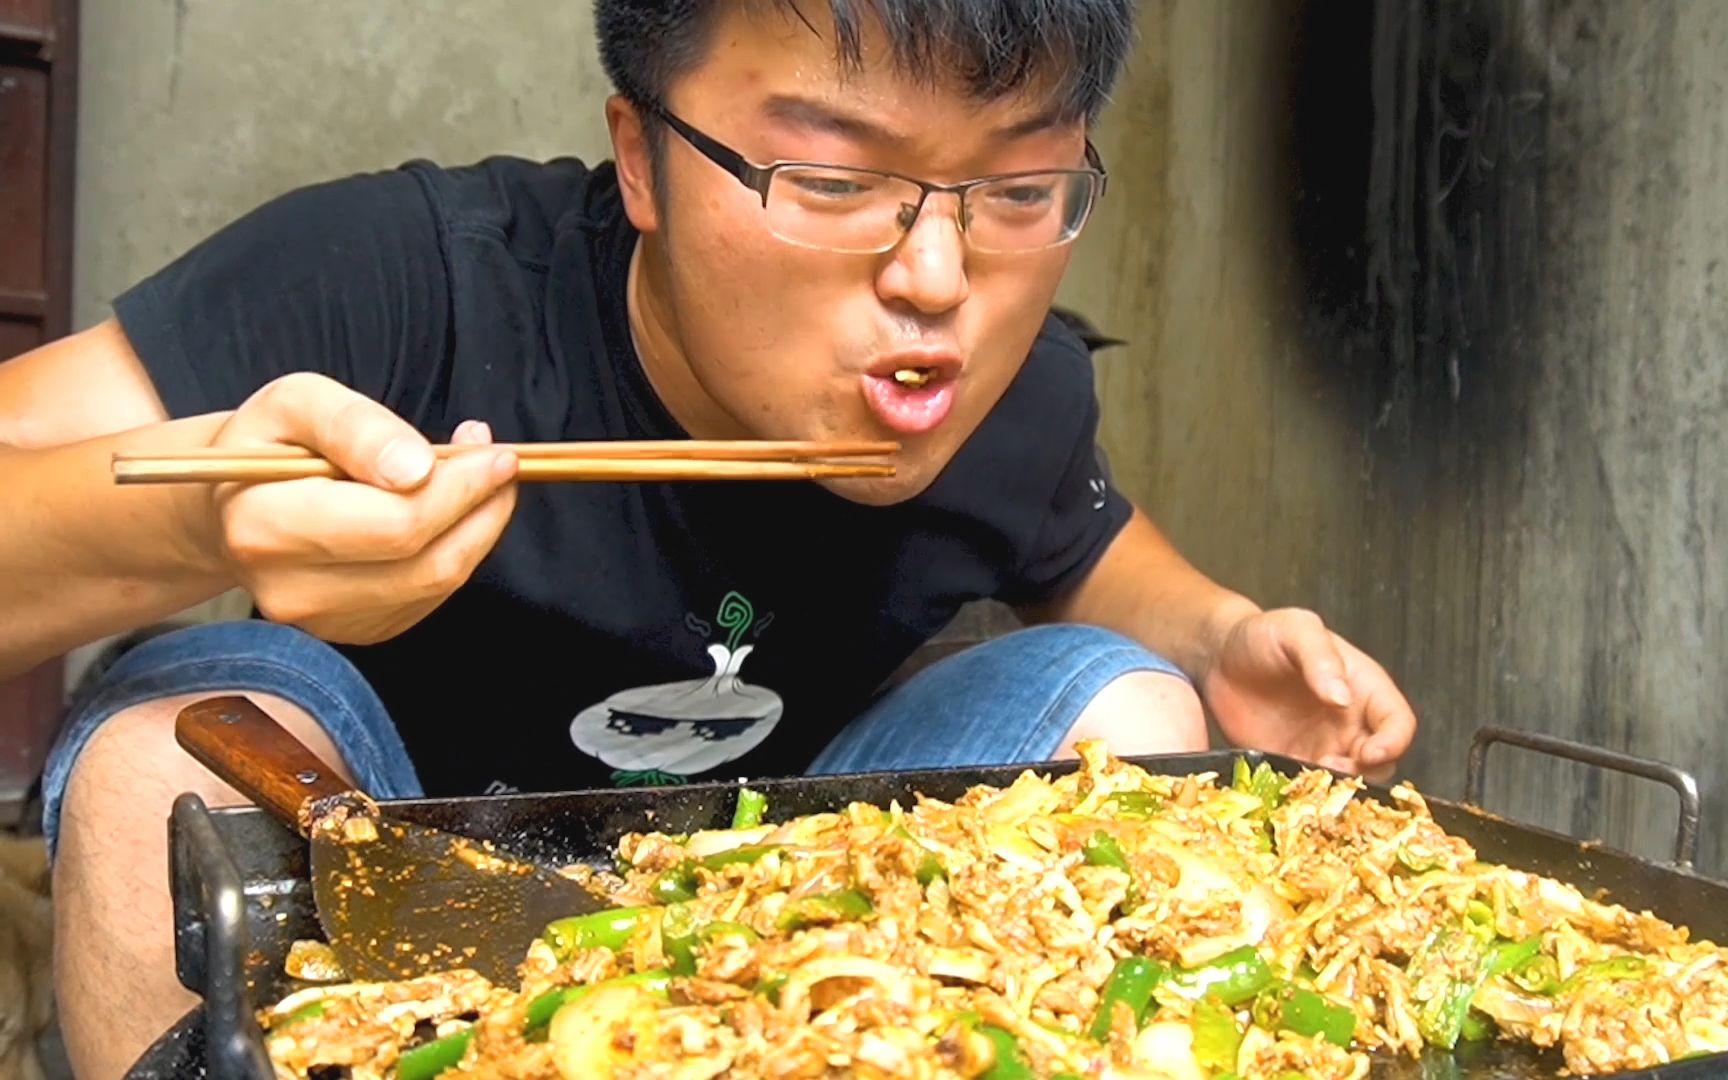 一斤辣椒,五斤软骨,做一道辣椒双拼铁板烧,两口上头,太刺激了